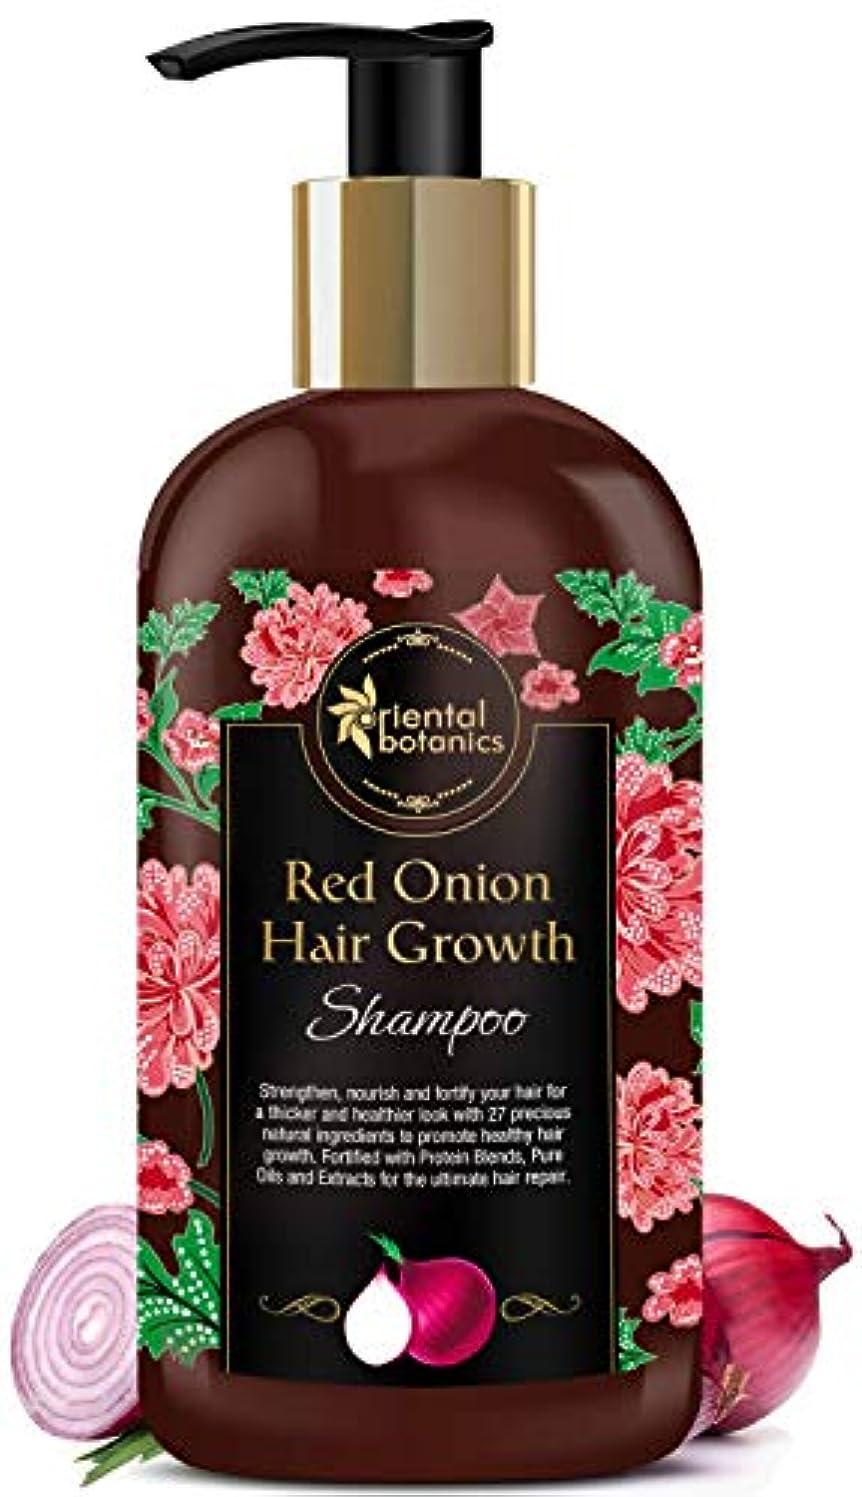 入り口枠有利Oriental Botanics Red Onion Hair Growth Shampoo, 300ml - With 27 Hair Boosters Controls Hair Loss & Promotes Healthy...